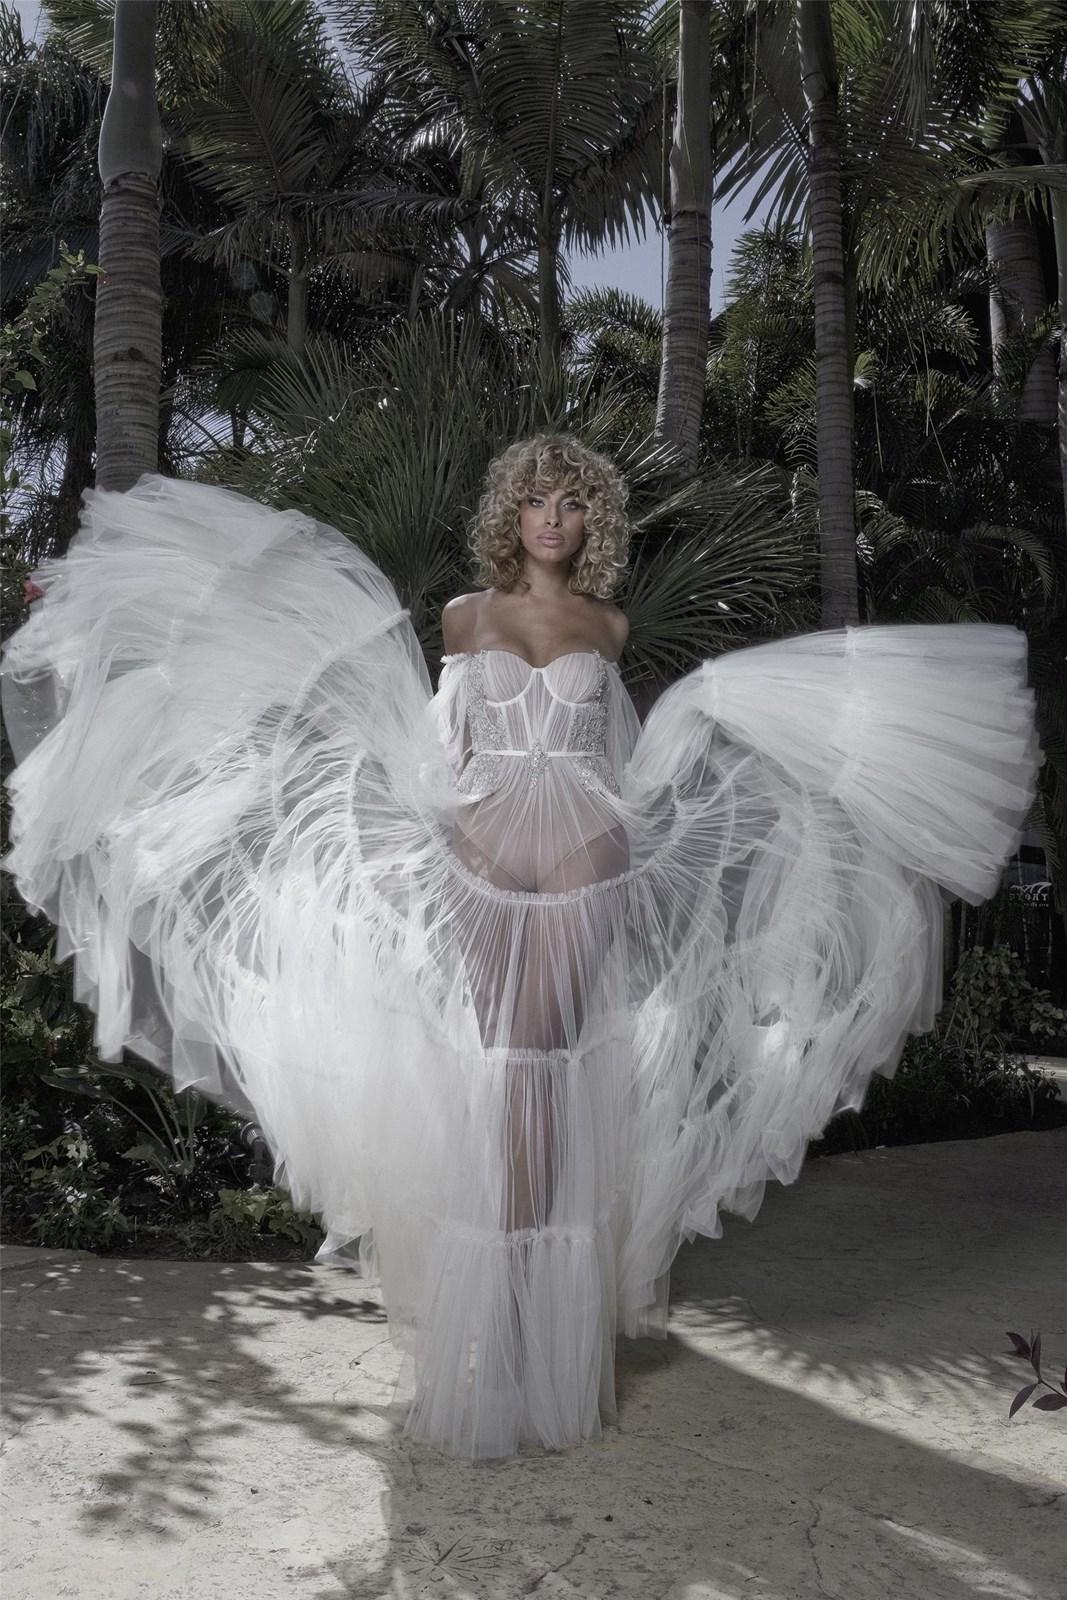 רומי אברג'ל בשמלה של עידן כהן (צילום: בן לאון)